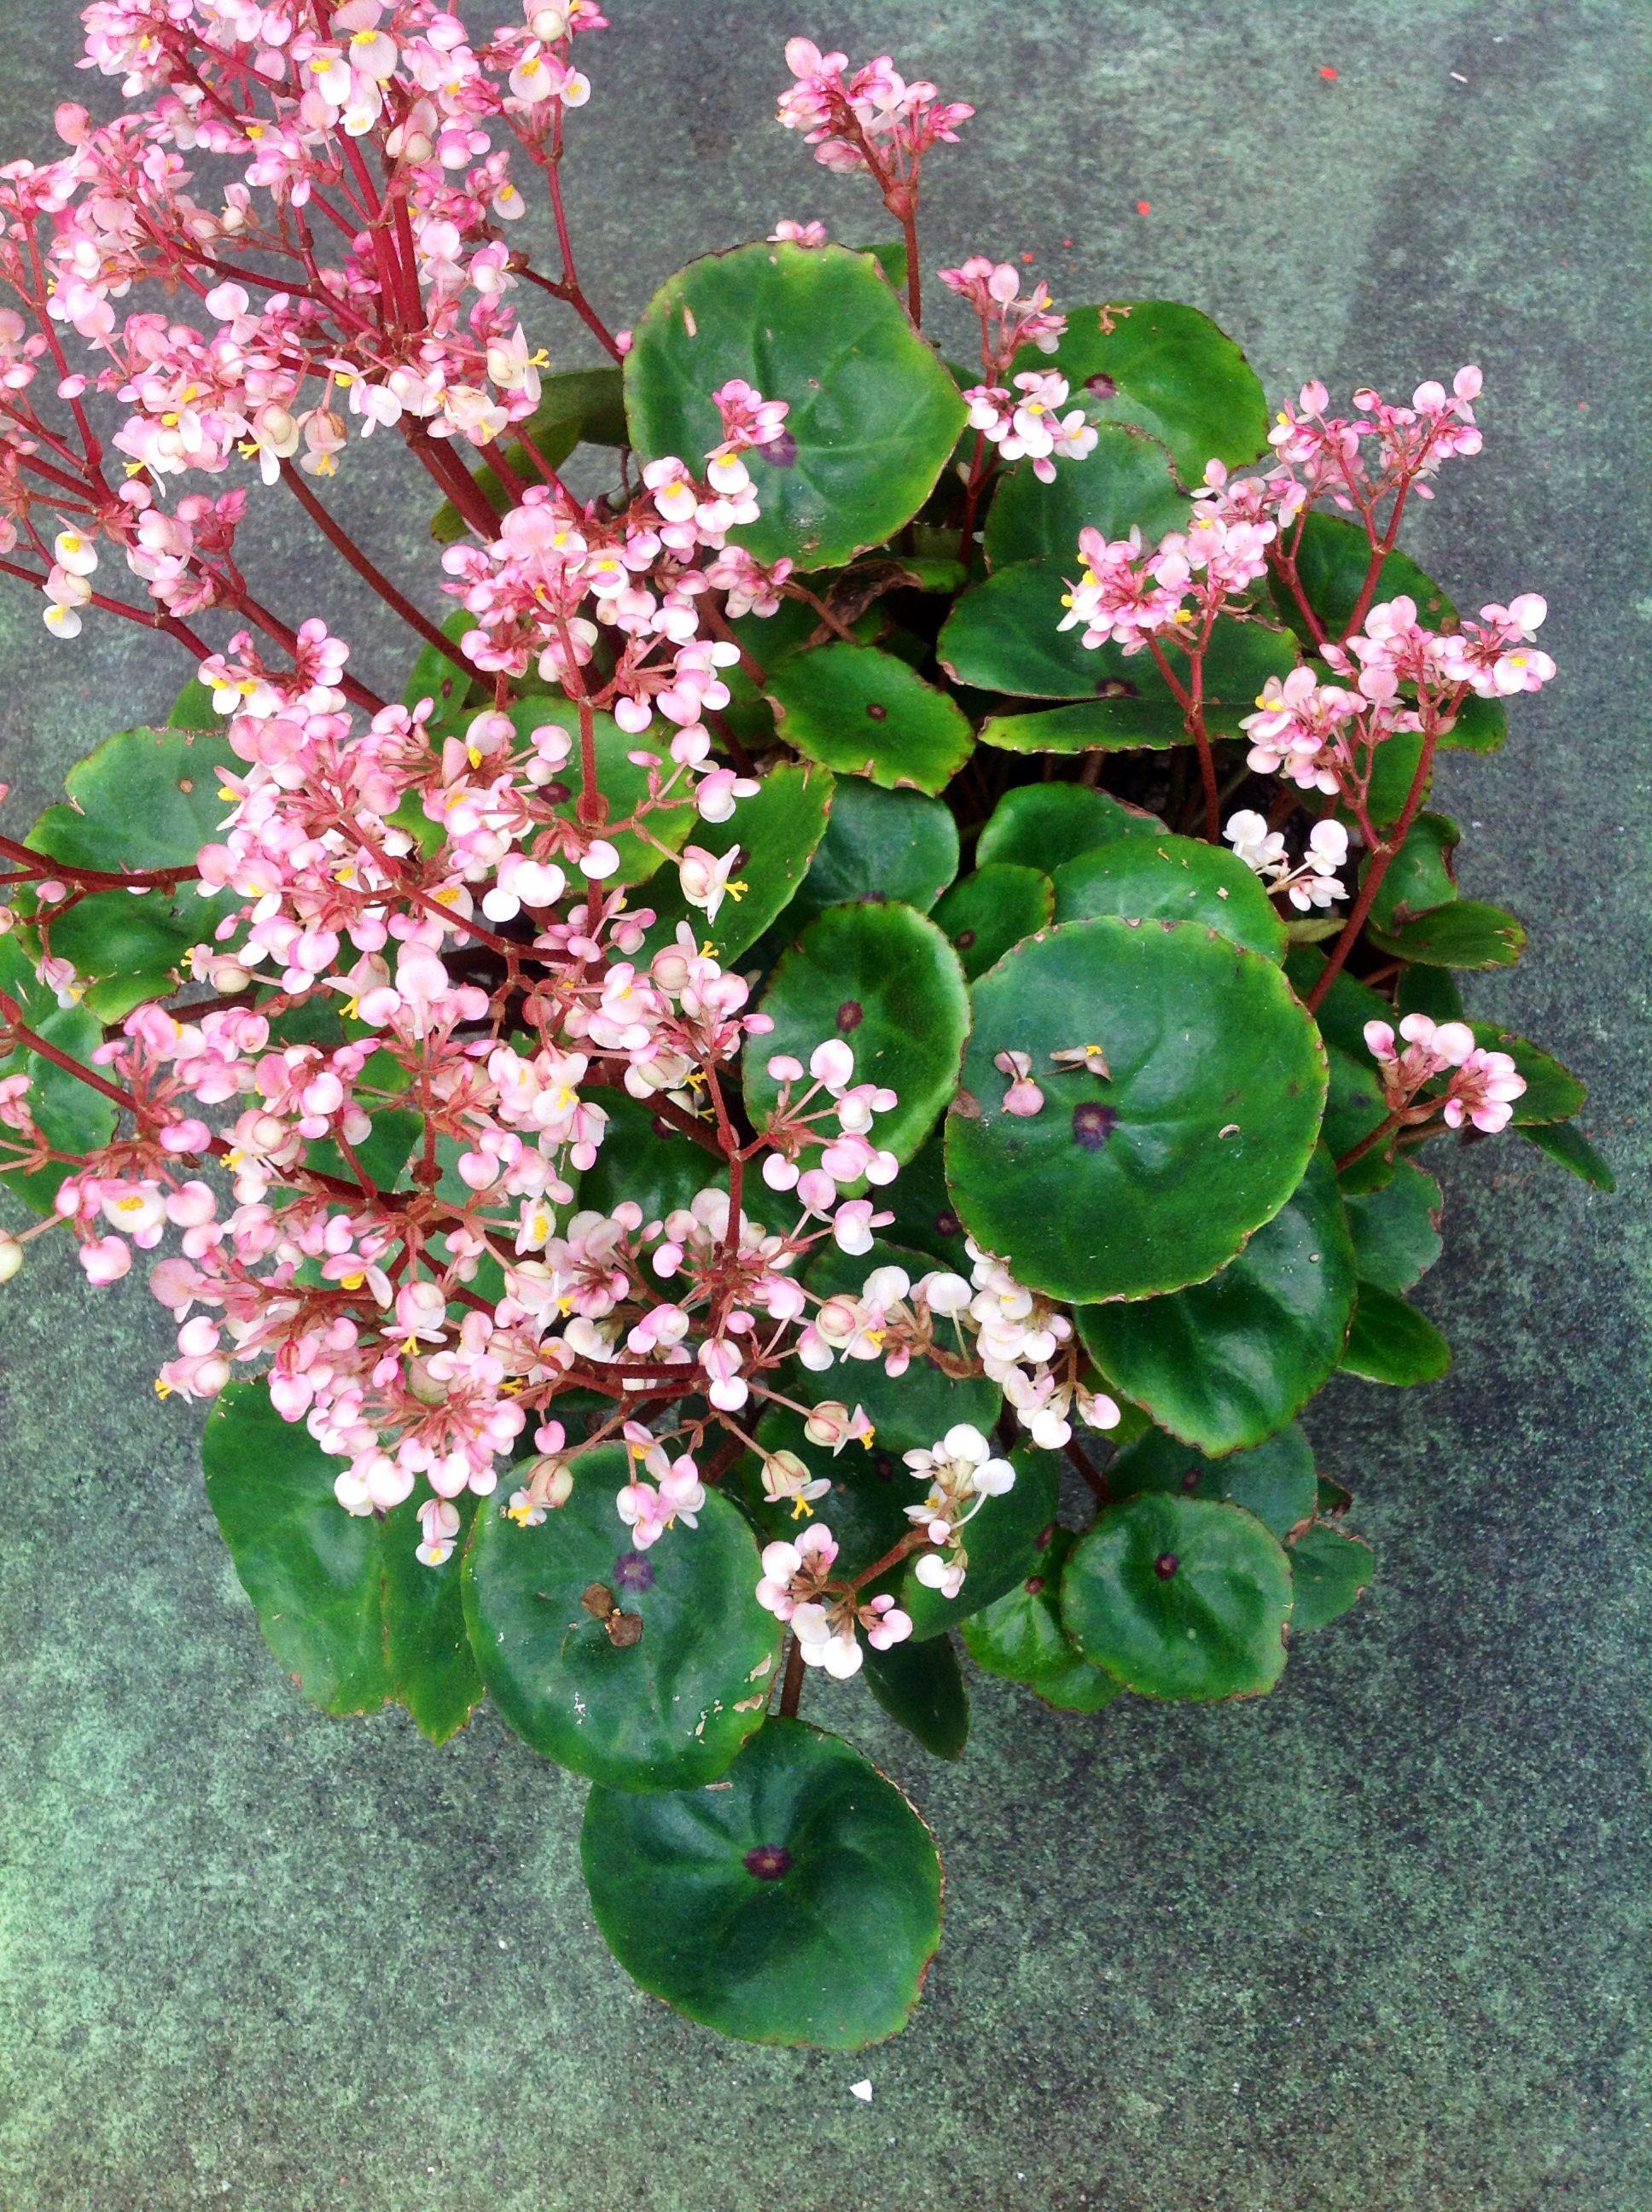 Bull S Eye Begonia Begonia Conchifolia In Full Bloom Personal